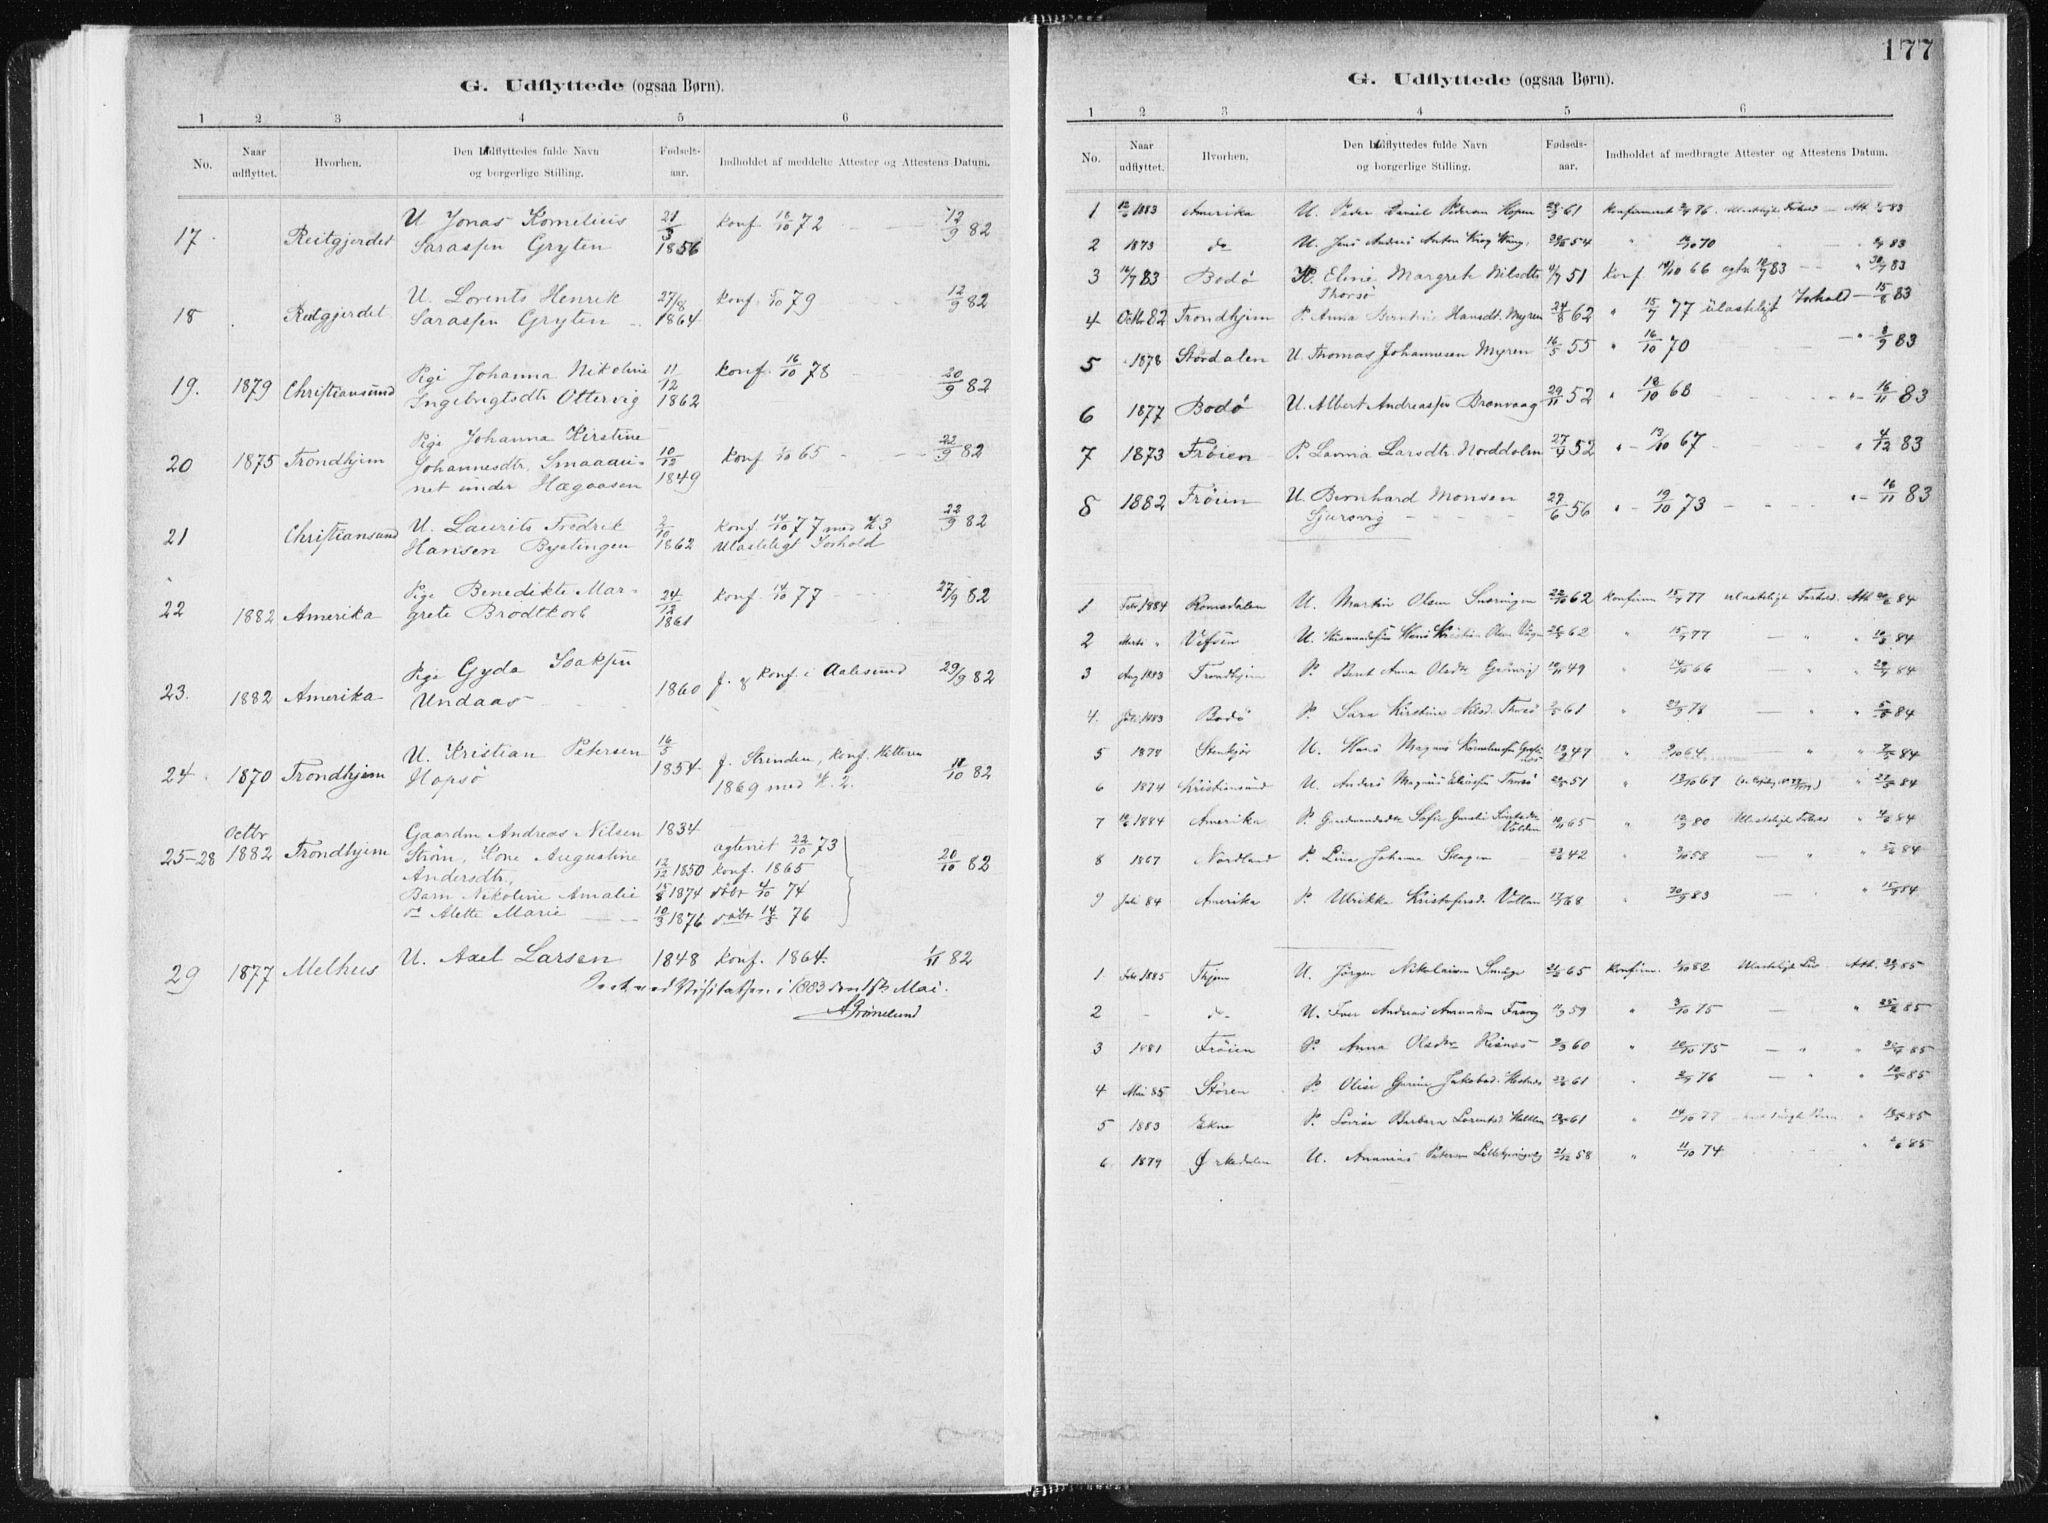 SAT, Ministerialprotokoller, klokkerbøker og fødselsregistre - Sør-Trøndelag, 634/L0533: Ministerialbok nr. 634A09, 1882-1901, s. 177